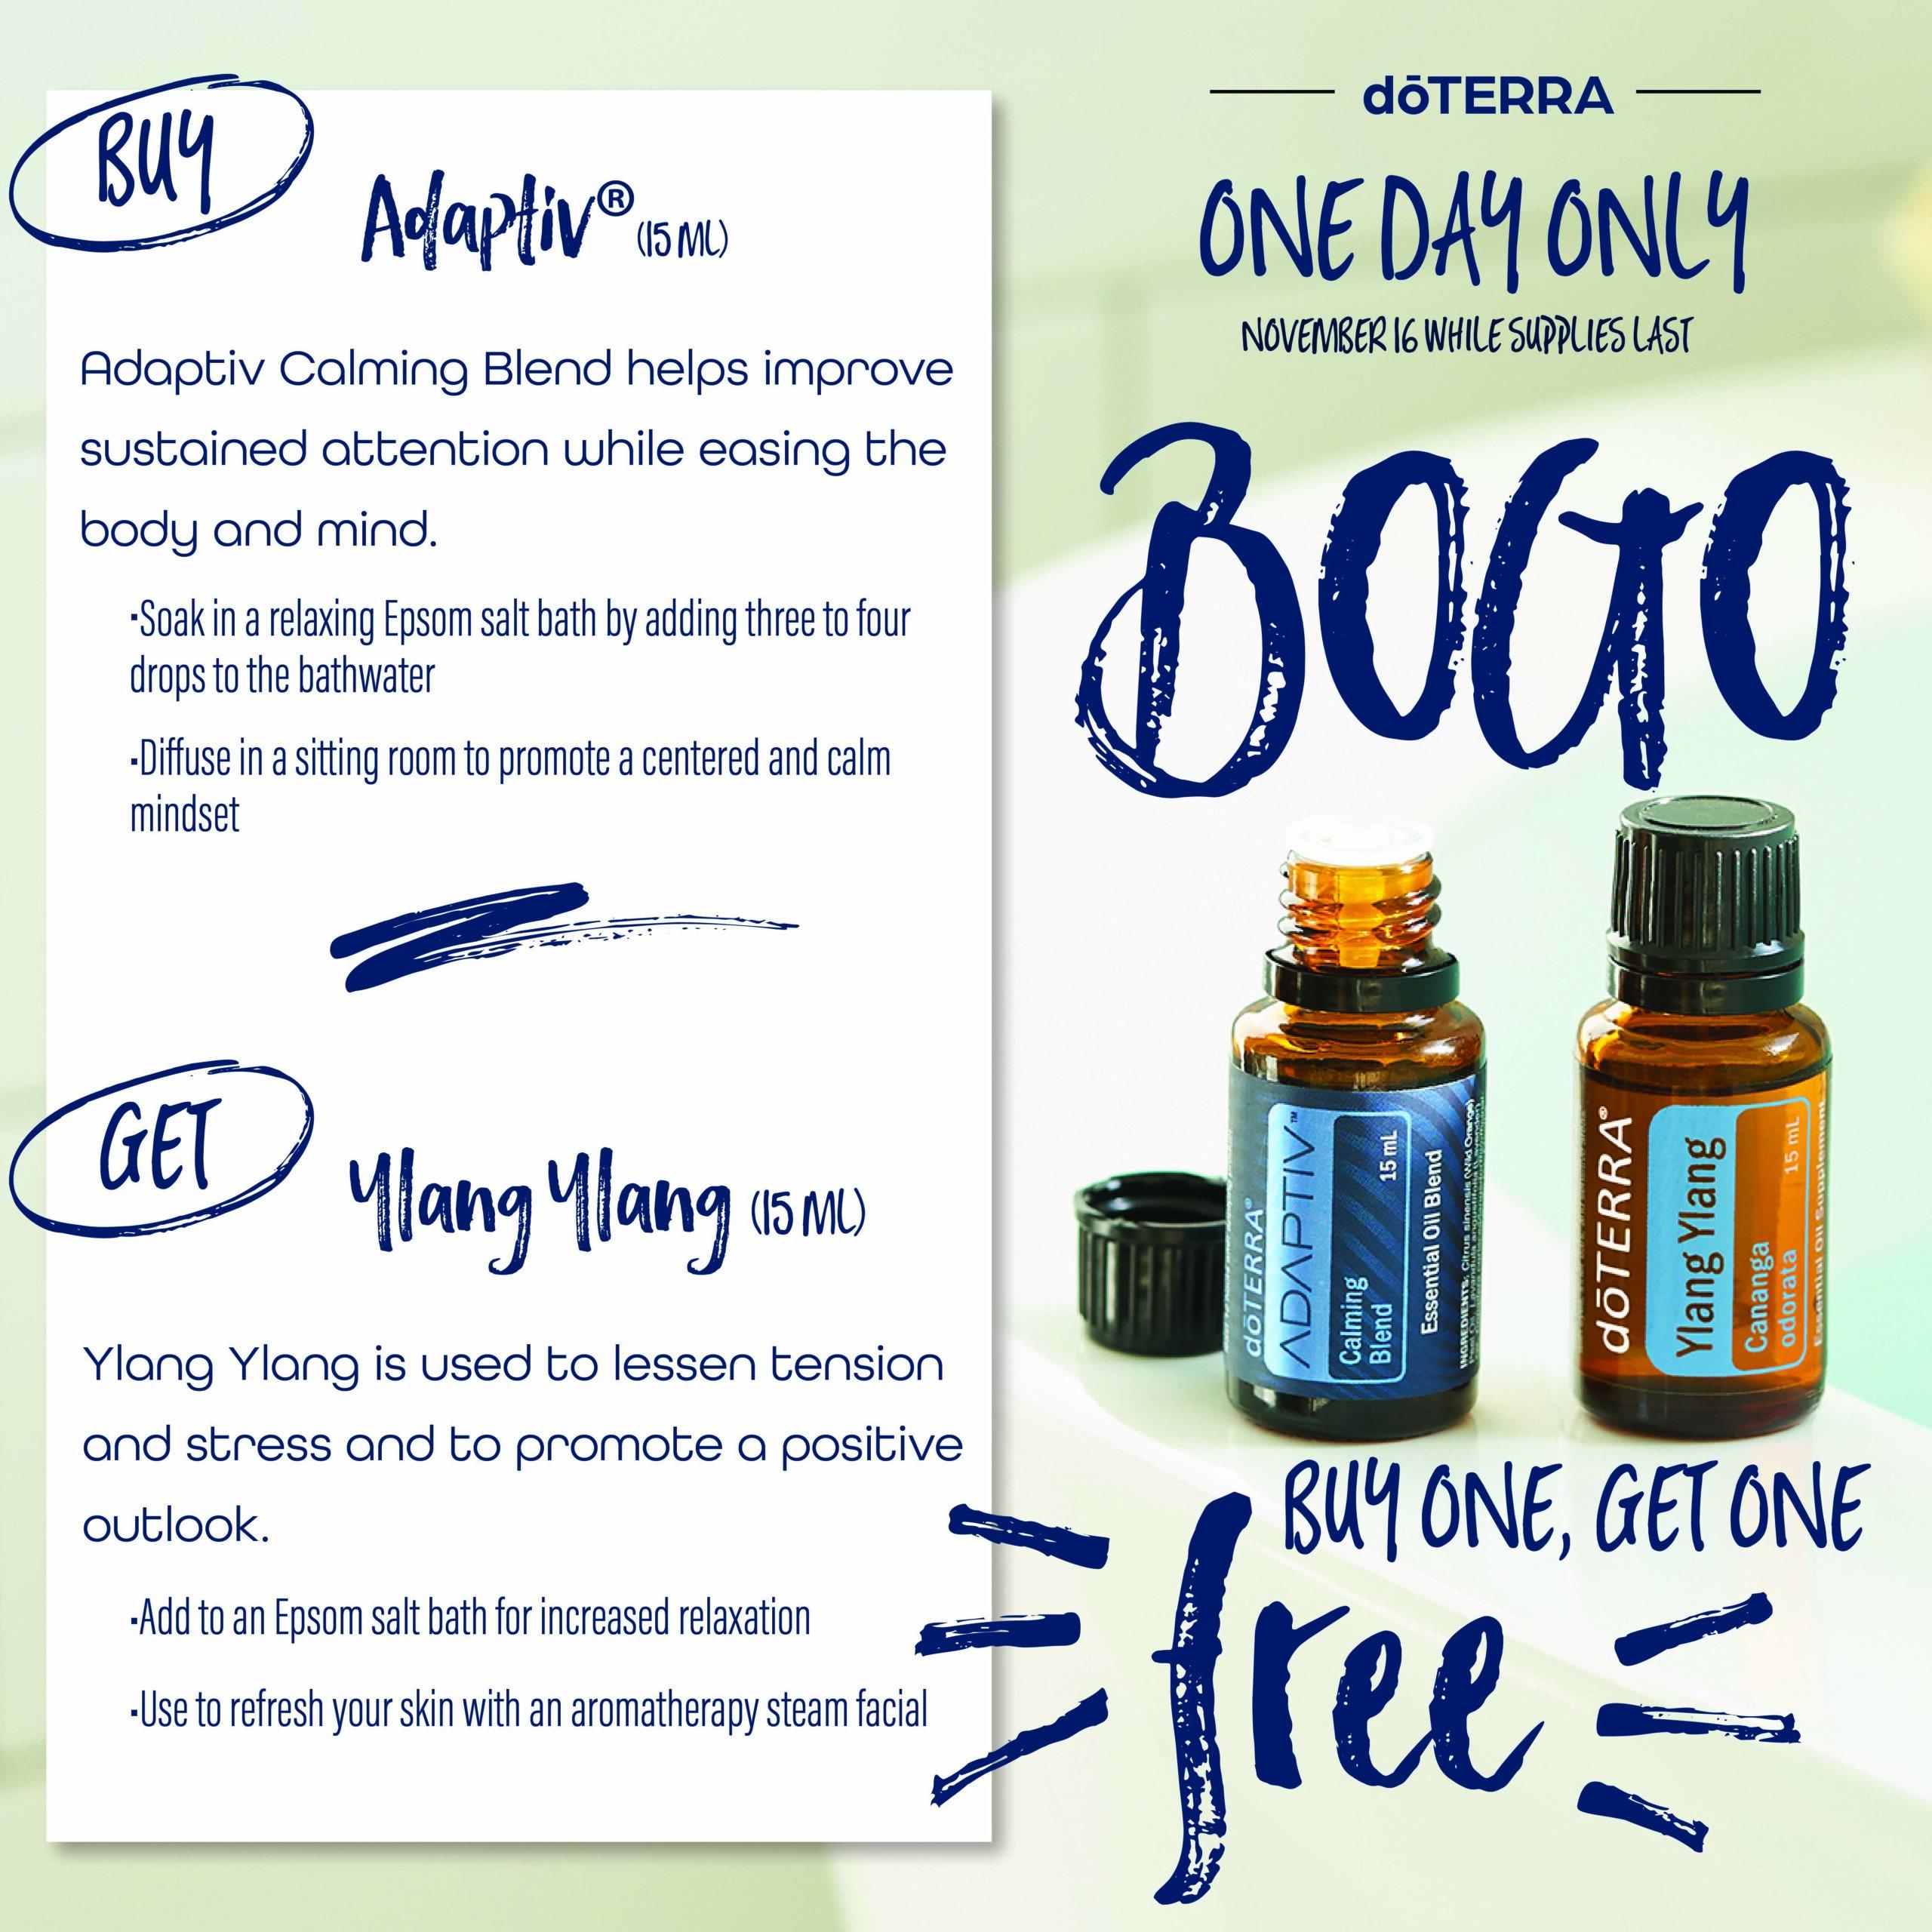 BOGO Day 1 Adaptiv Ylang Ylang